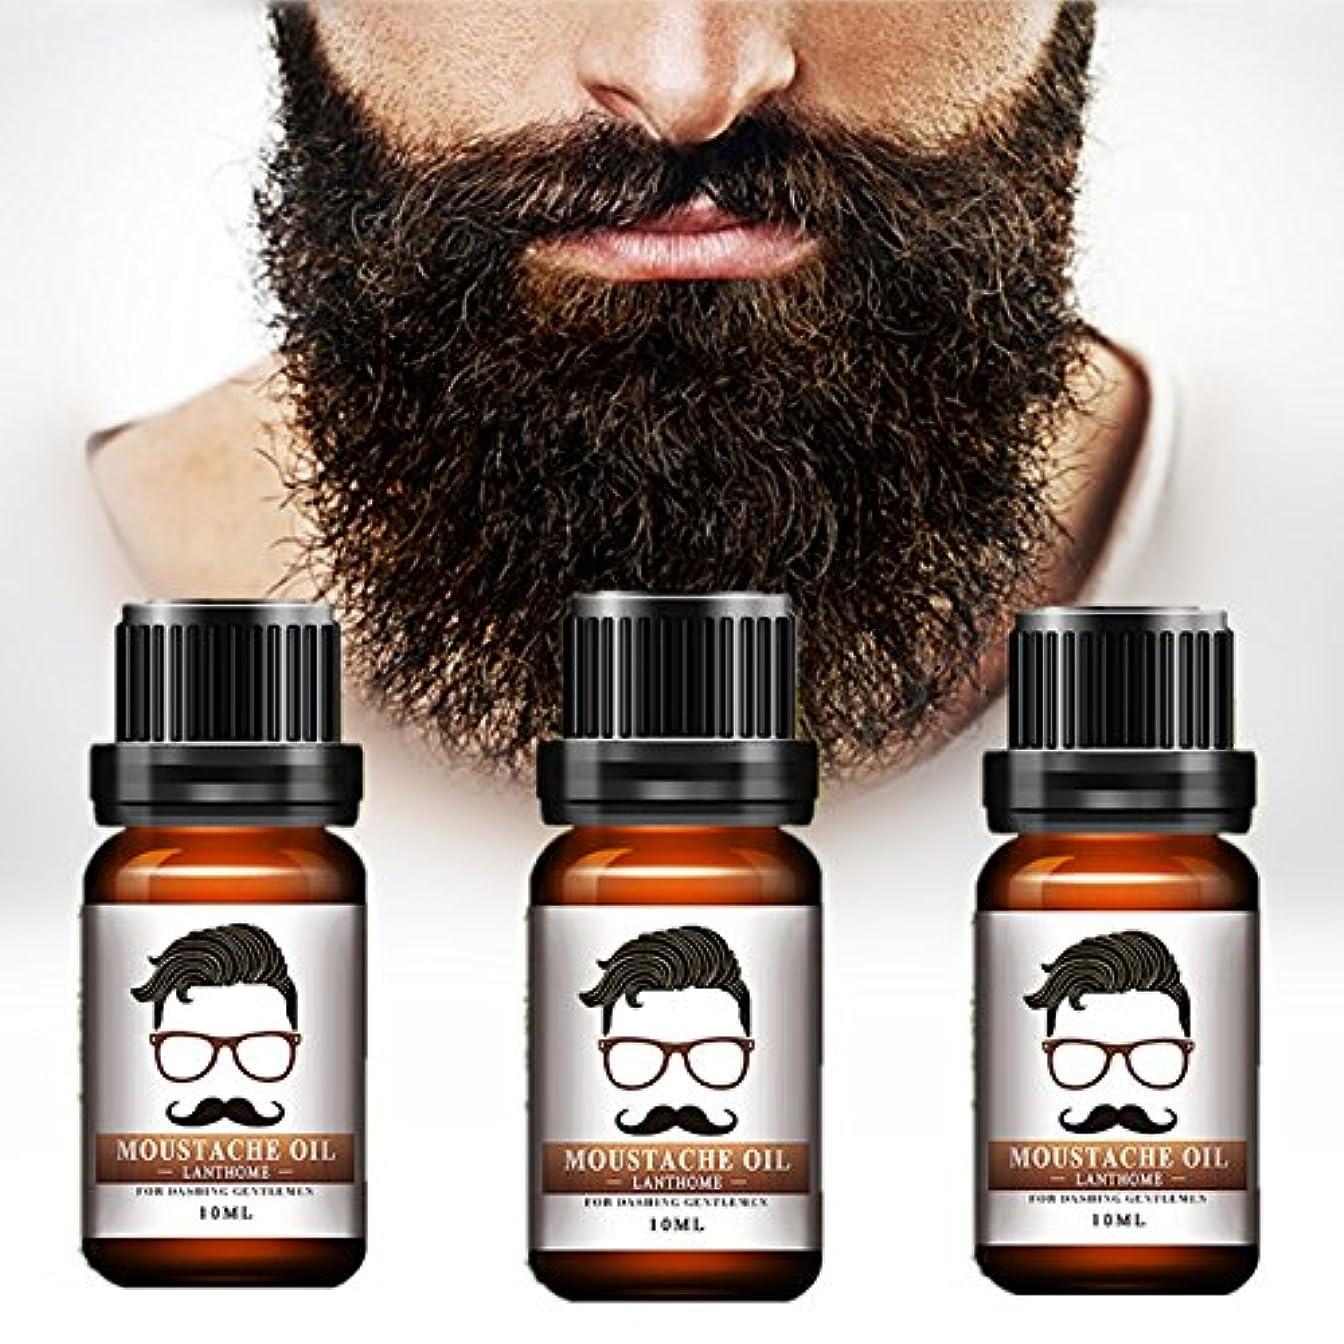 伝統的エキス懺悔(最高の品質と価格)3個x 10mlエッセンシャル(polygonum、生姜、人参)オイル男性用ひげ、口ひげ、育毛厚くトリートメントサンバースト円形脱毛症 ((Best Quality & Price) 3 Pieces x 10Ml Essential (polygonum, ginger and ginseng) Oil For Men Beard & Mustache & Hair Growth Thicker Treatment Sunburst Alopecia Serum)